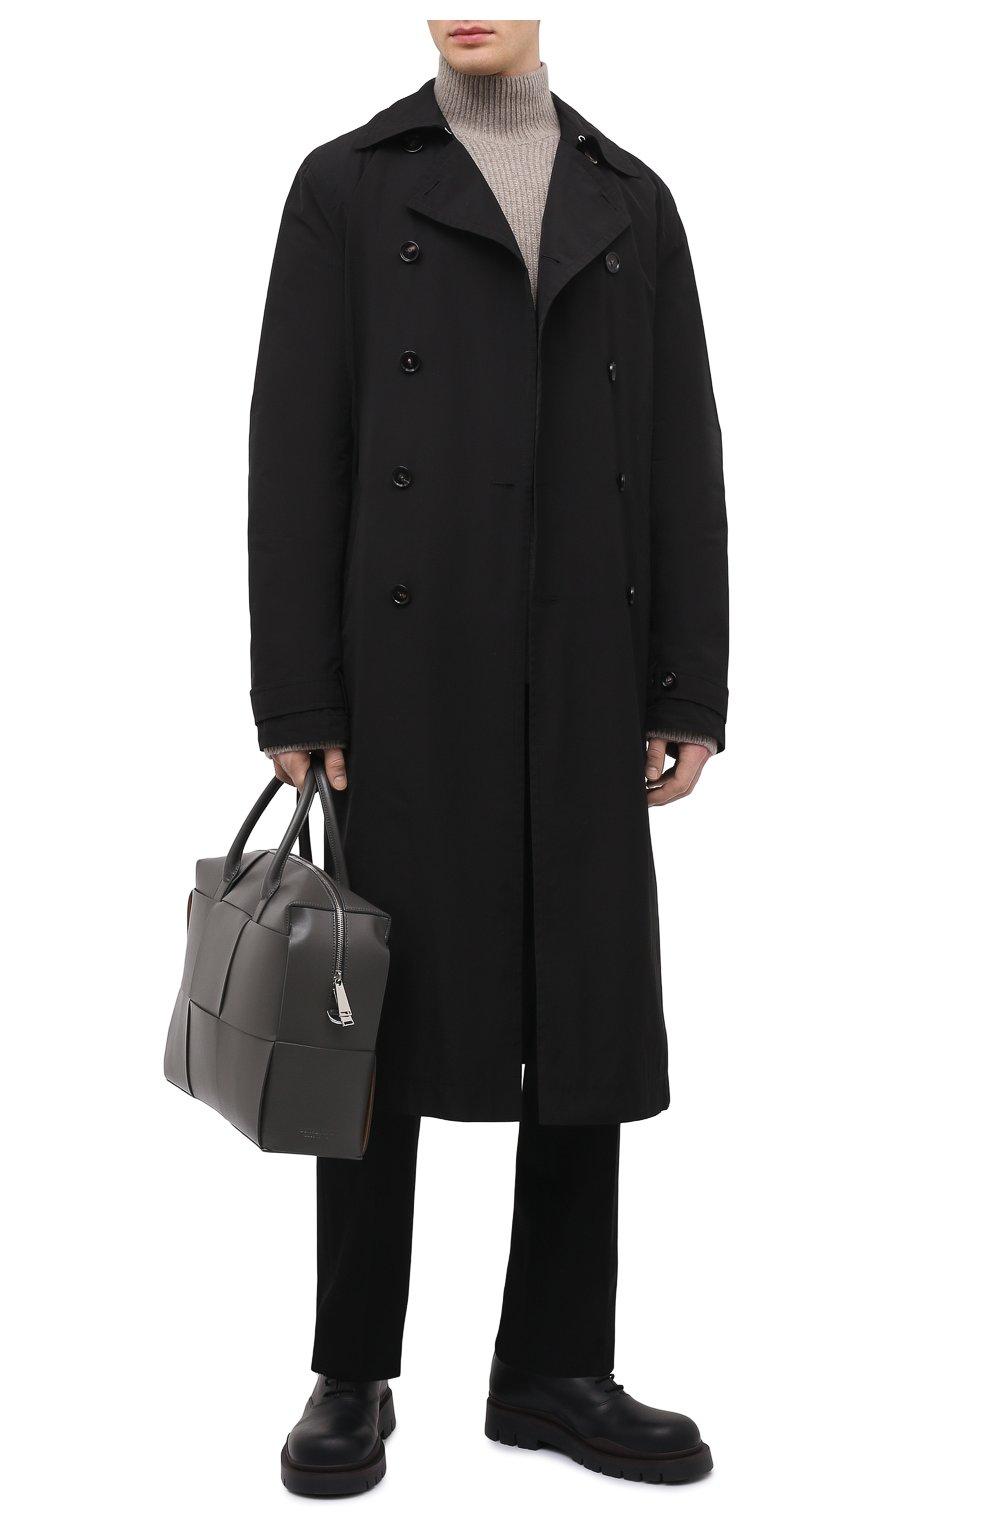 Мужской тренч BOTTEGA VENETA черного цвета, арт. 660143/V0Y20 | Фото 2 (Мужское Кросс-КТ: Тренчкот-верхняя одежда; Рукава: Длинные; Материал внешний: Синтетический материал, Хлопок; Материал подклада: Синтетический материал; Длина (верхняя одежда): Длинные; Стили: Кэжуэл)